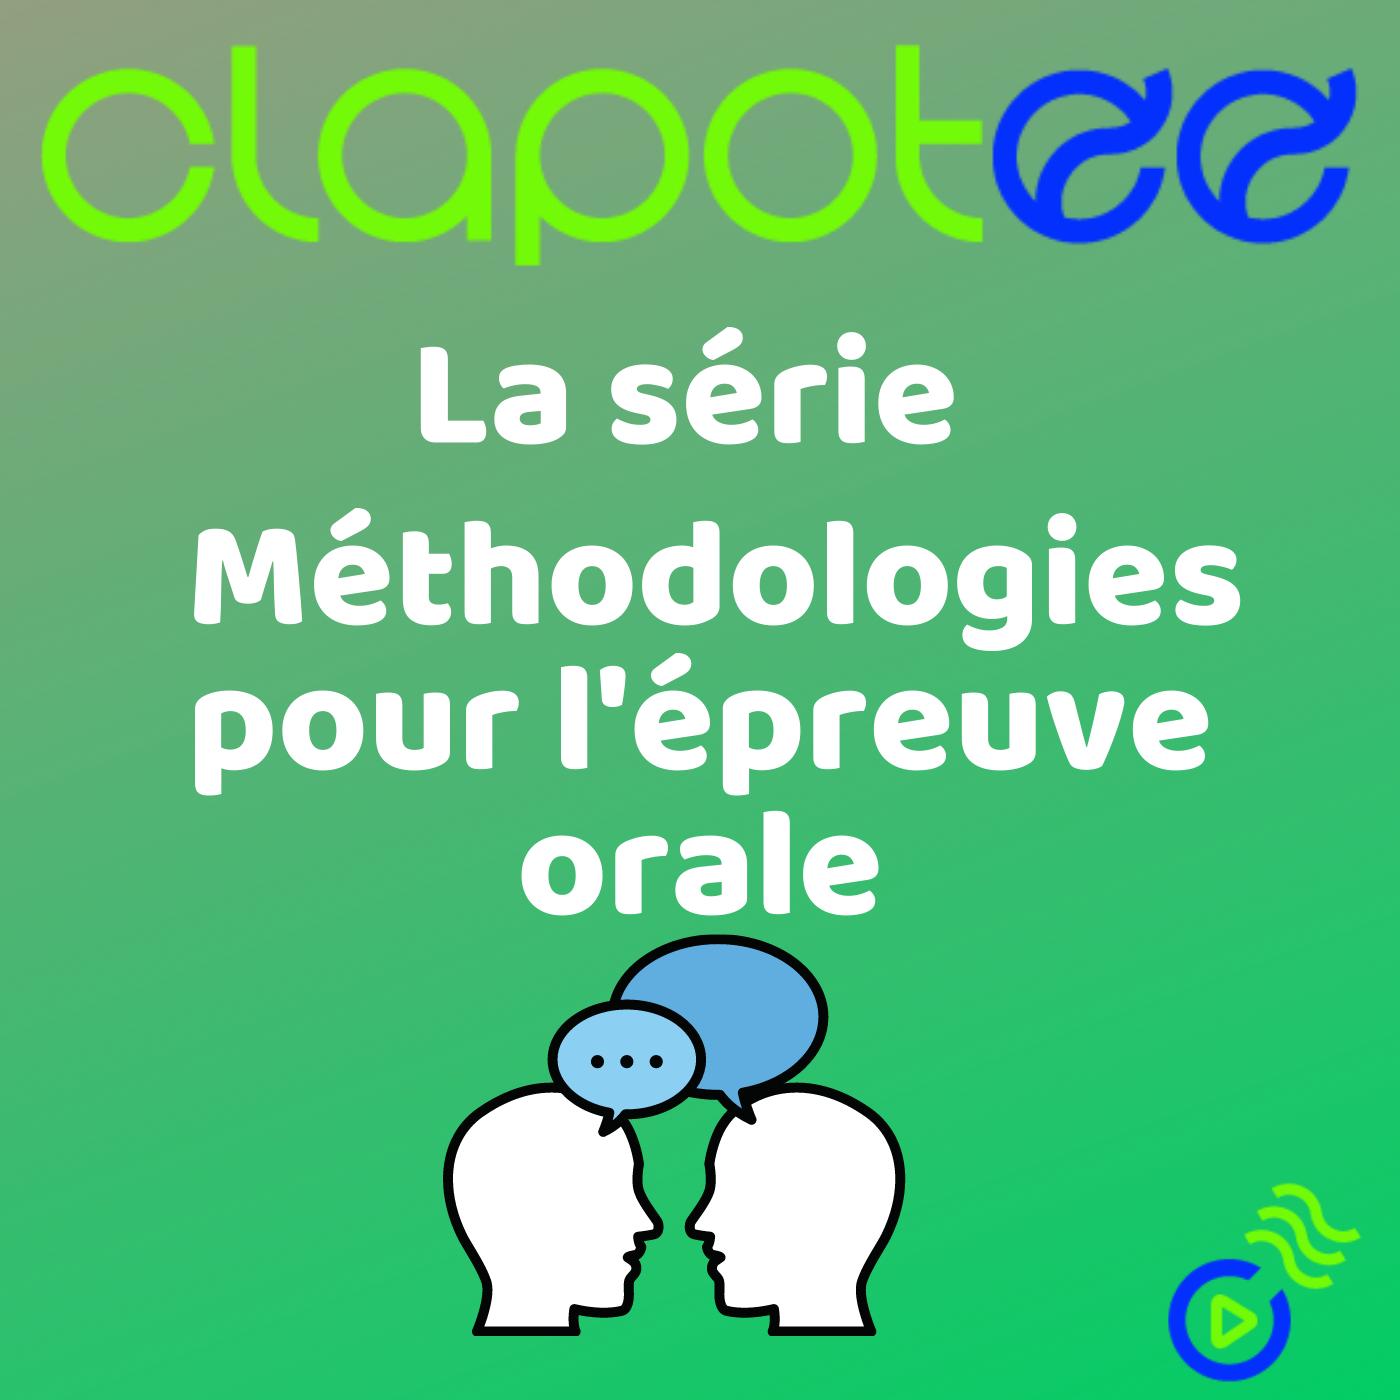 FRANÇAIS - Méthodologies pour l'épreuve orale